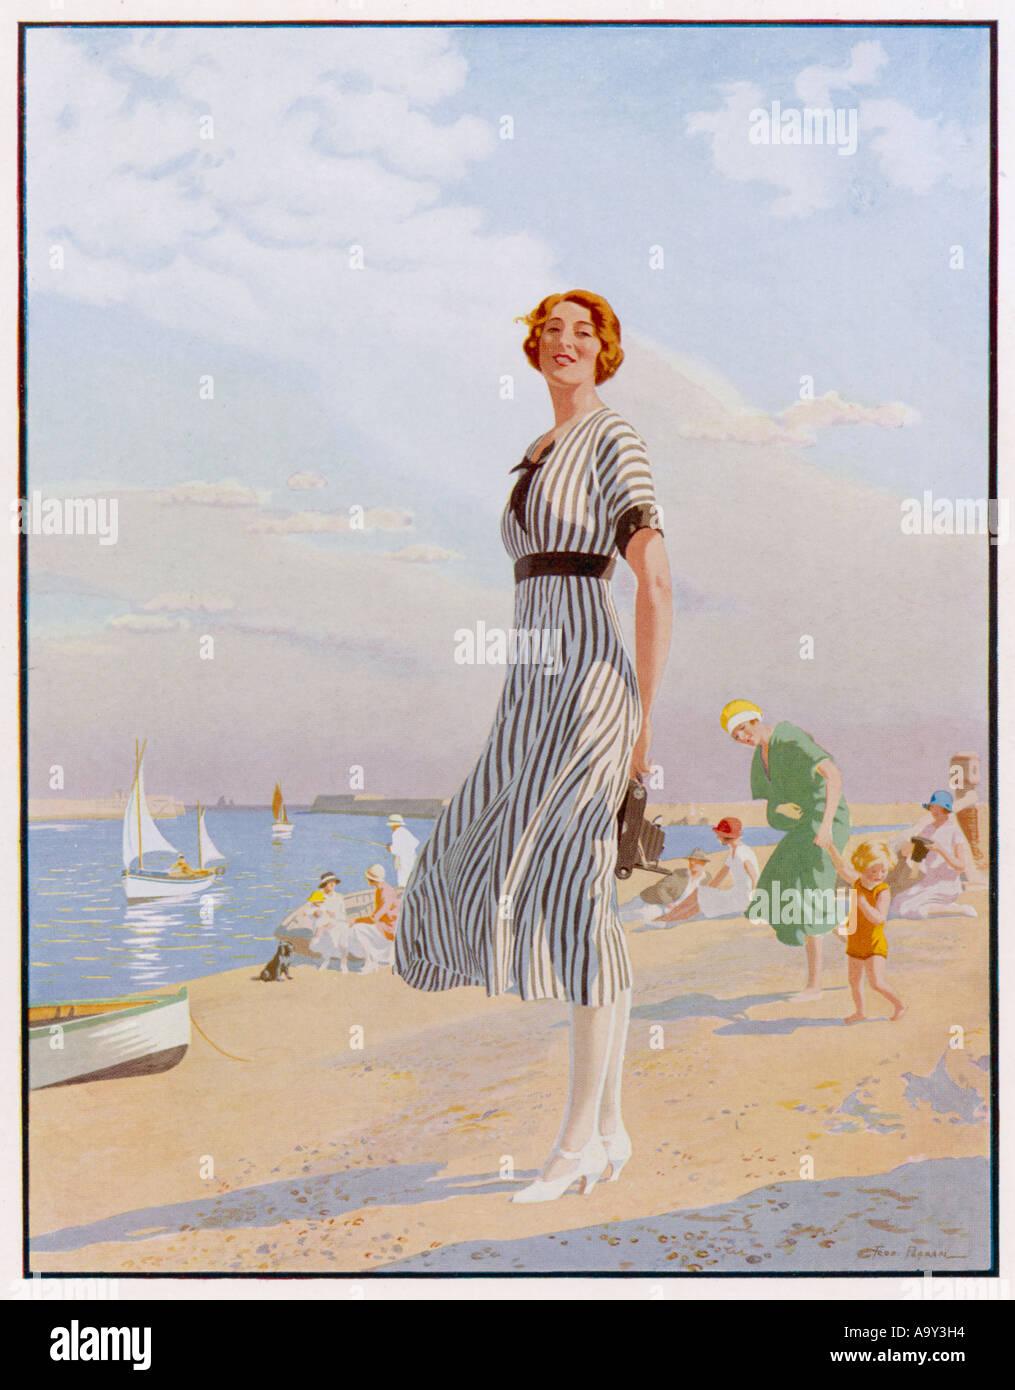 Anzeige Kodak Mädchen der 1920er Jahre Stockfoto